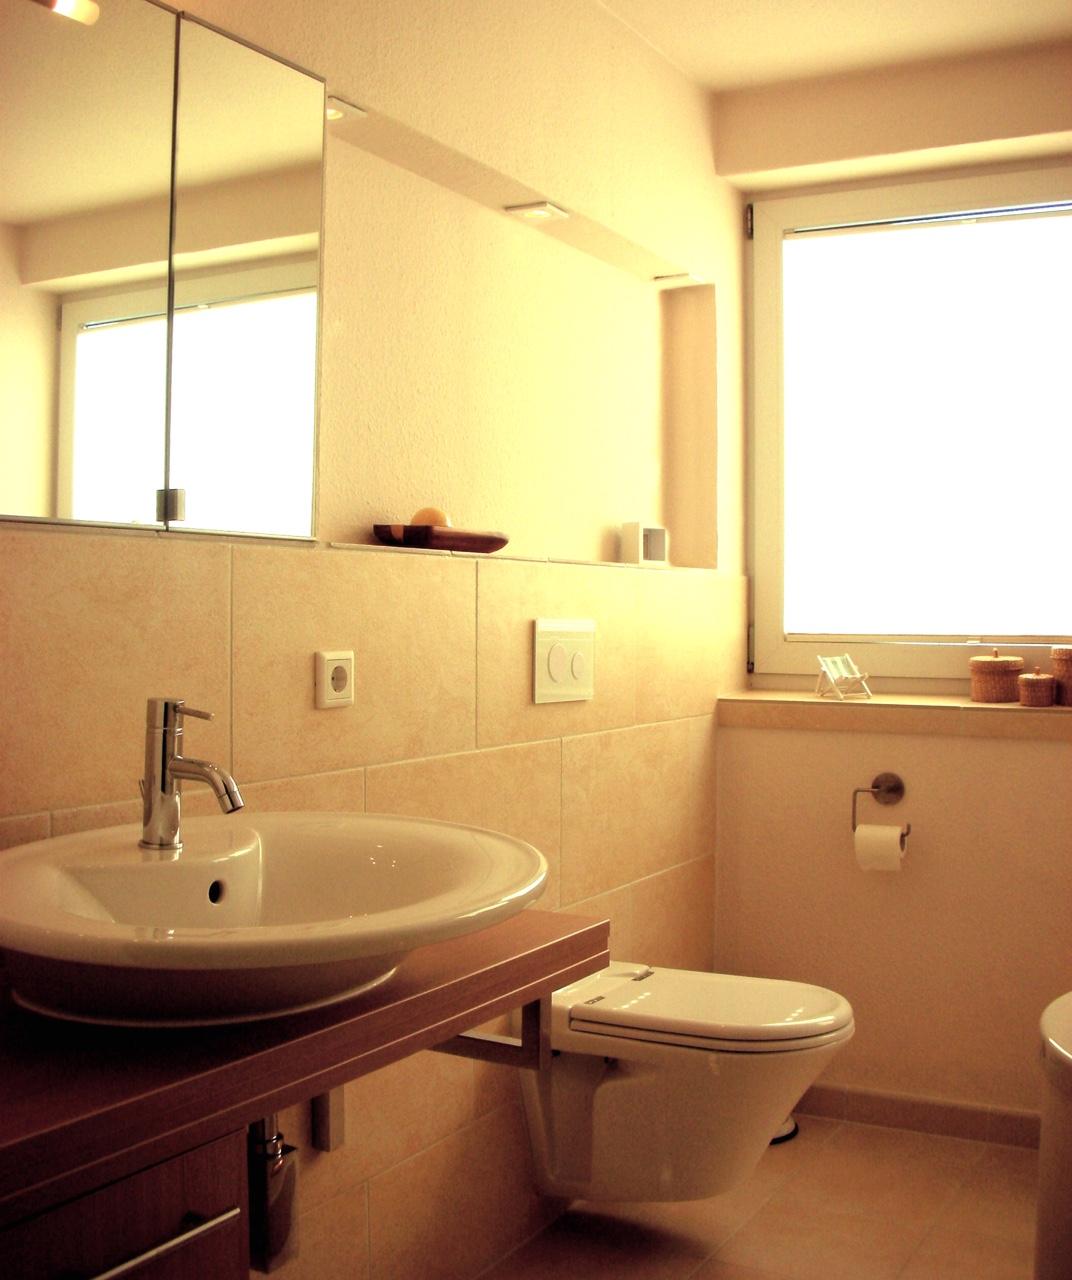 kleine badezimmer ohne wanne ihr traumhaus ideen. Black Bedroom Furniture Sets. Home Design Ideas